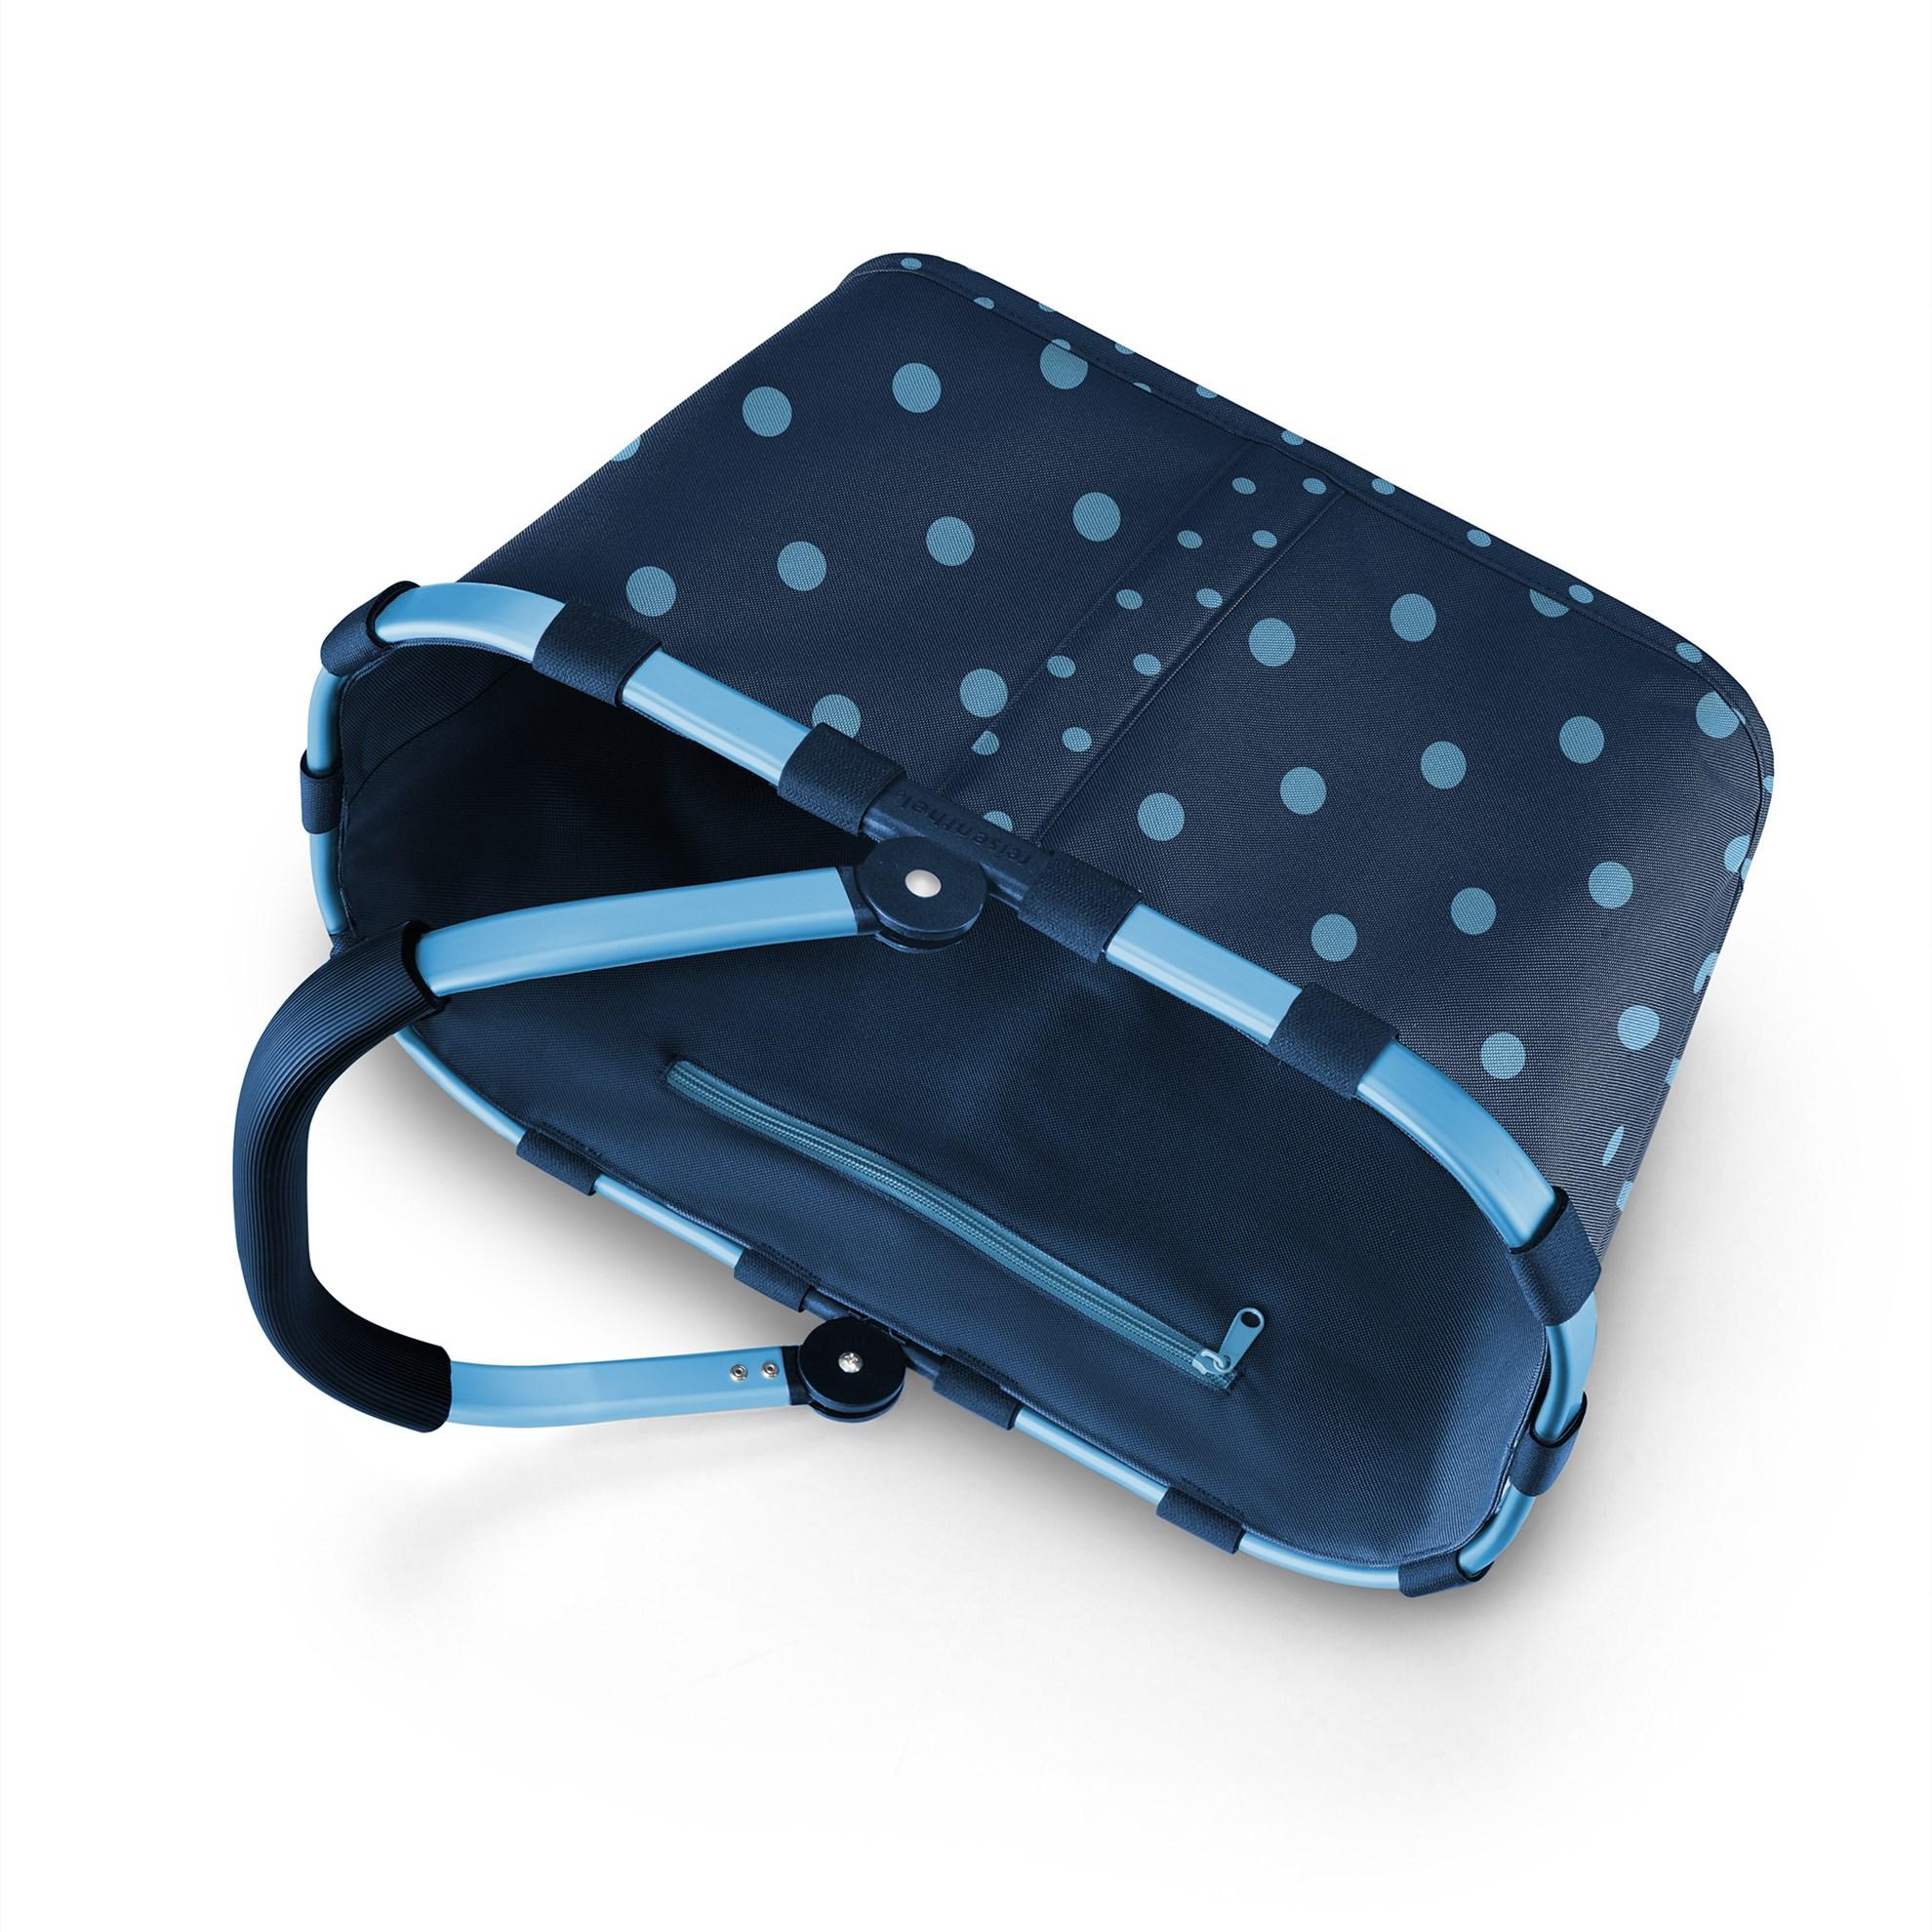 Nákupní košík Carrybag frame mixed dots blue_2